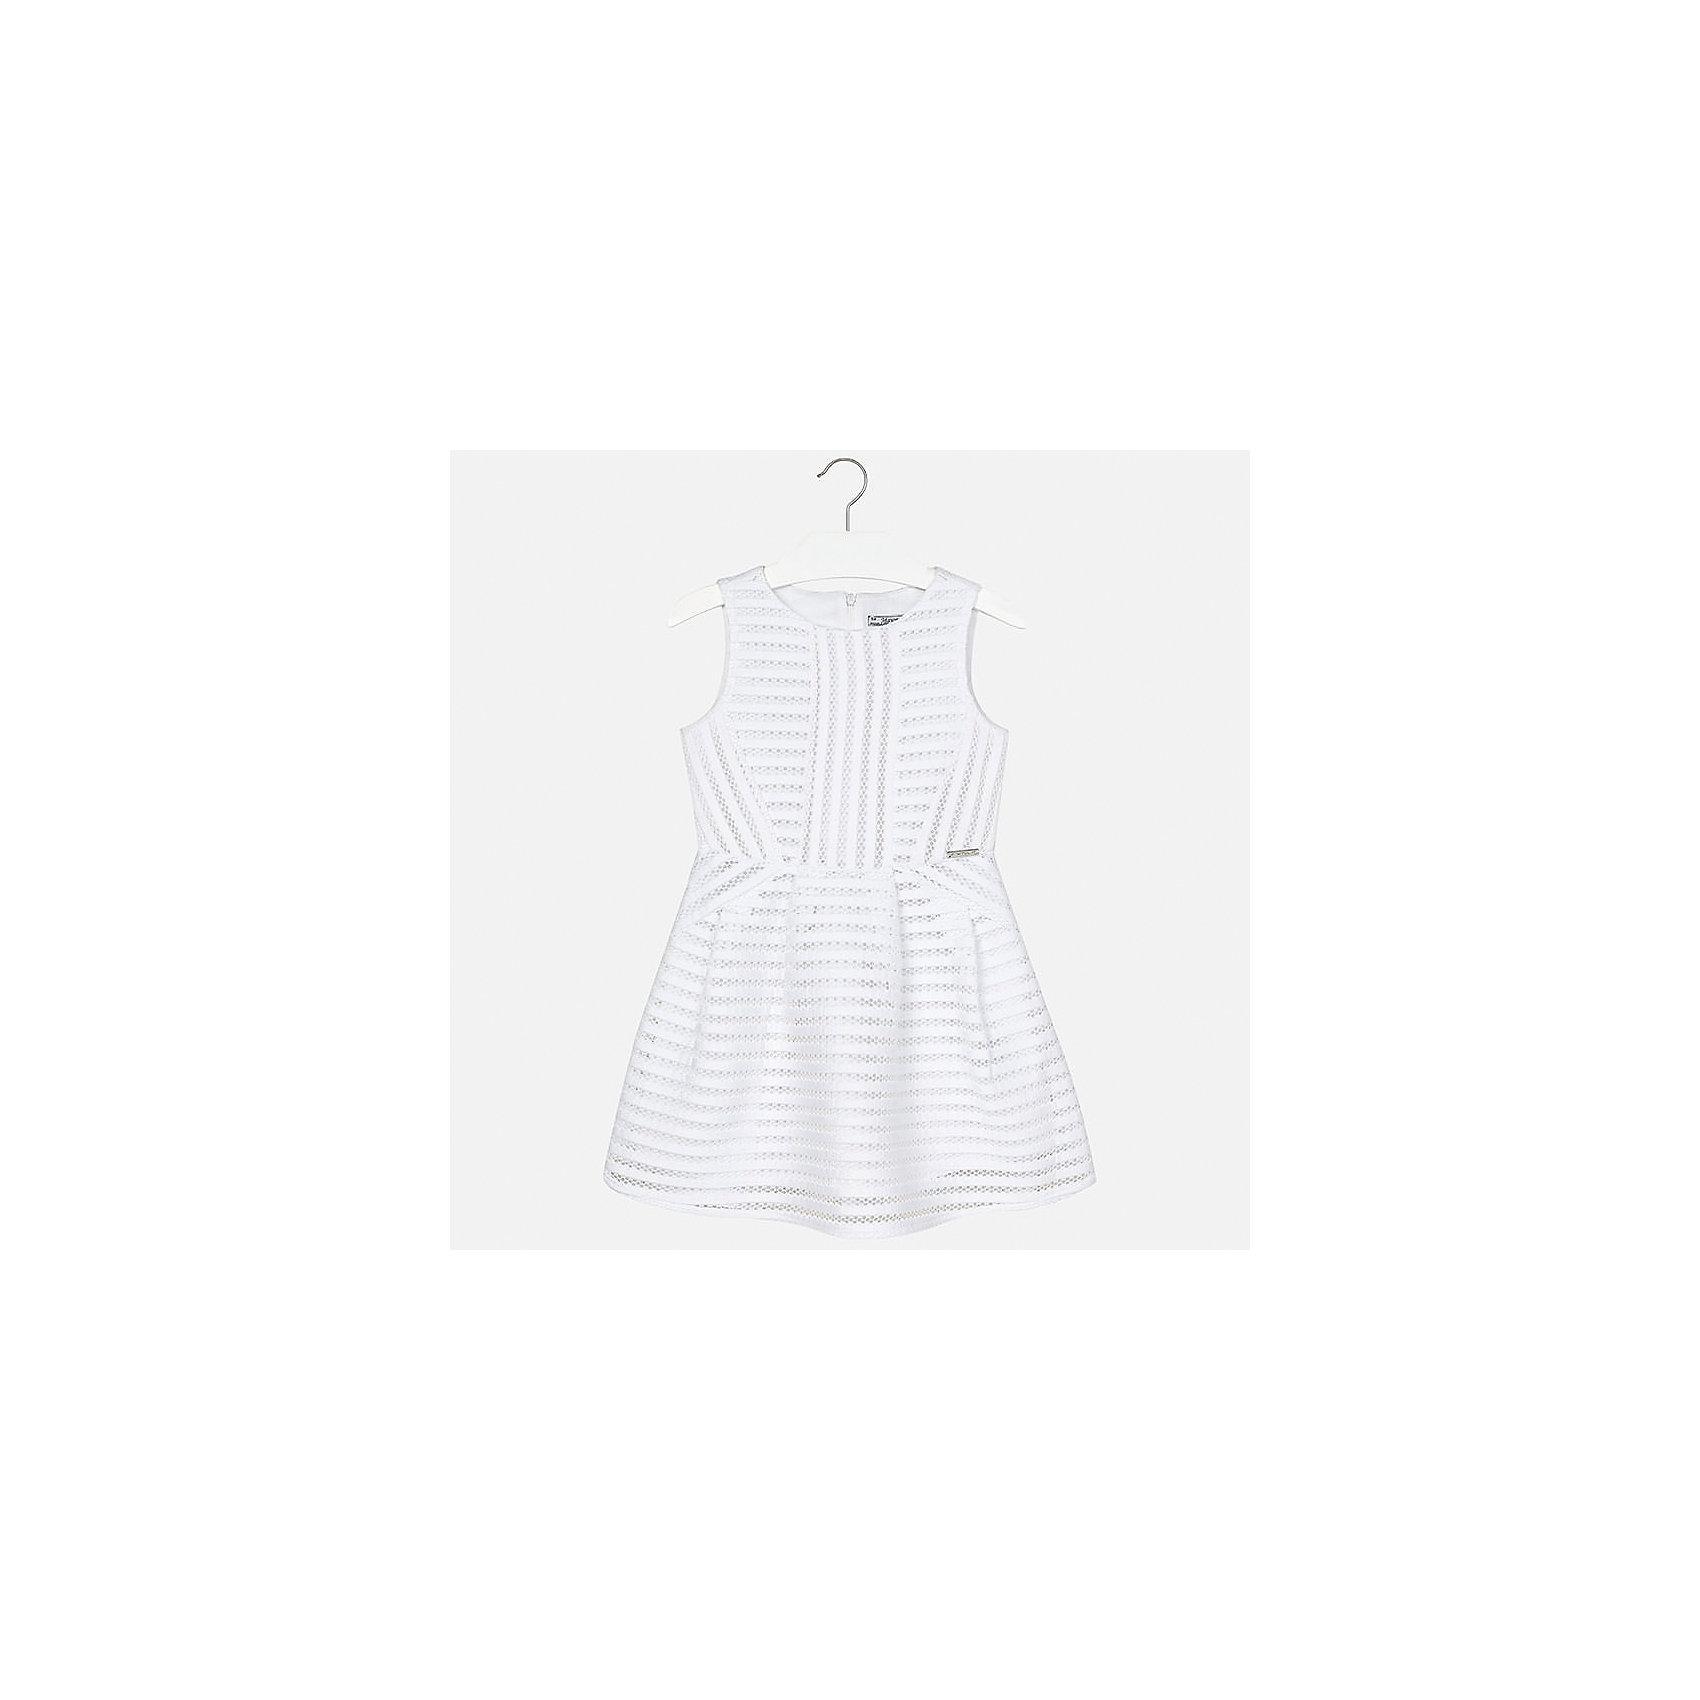 Платье для девочки MayoralОдежда<br>Характеристики товара:<br><br>• цвет: белый<br>• состав: 100% полиэстер, подкладка - 100% полиэстер<br>• застежка: молния<br>• приталенное<br>• без рукавов<br>• с подкладкой<br>• страна бренда: Испания<br><br>Нарядное платье для девочки поможет разнообразить гардероб ребенка и создать эффектный наряд. Оно подойдет для различных случаев. Красивый оттенок позволяет подобрать к вещи обувь разных расцветок. Платье хорошо сидит по фигуре.<br><br>Одежда, обувь и аксессуары от испанского бренда Mayoral полюбились детям и взрослым по всему миру. Модели этой марки - стильные и удобные. Для их производства используются только безопасные, качественные материалы и фурнитура. Порадуйте ребенка модными и красивыми вещами от Mayoral! <br><br>Платье для девочки от испанского бренда Mayoral (Майорал) можно купить в нашем интернет-магазине.<br><br>Ширина мм: 236<br>Глубина мм: 16<br>Высота мм: 184<br>Вес г: 177<br>Цвет: белый<br>Возраст от месяцев: 84<br>Возраст до месяцев: 96<br>Пол: Женский<br>Возраст: Детский<br>Размер: 128/134,170,164,158,152,140<br>SKU: 5293269